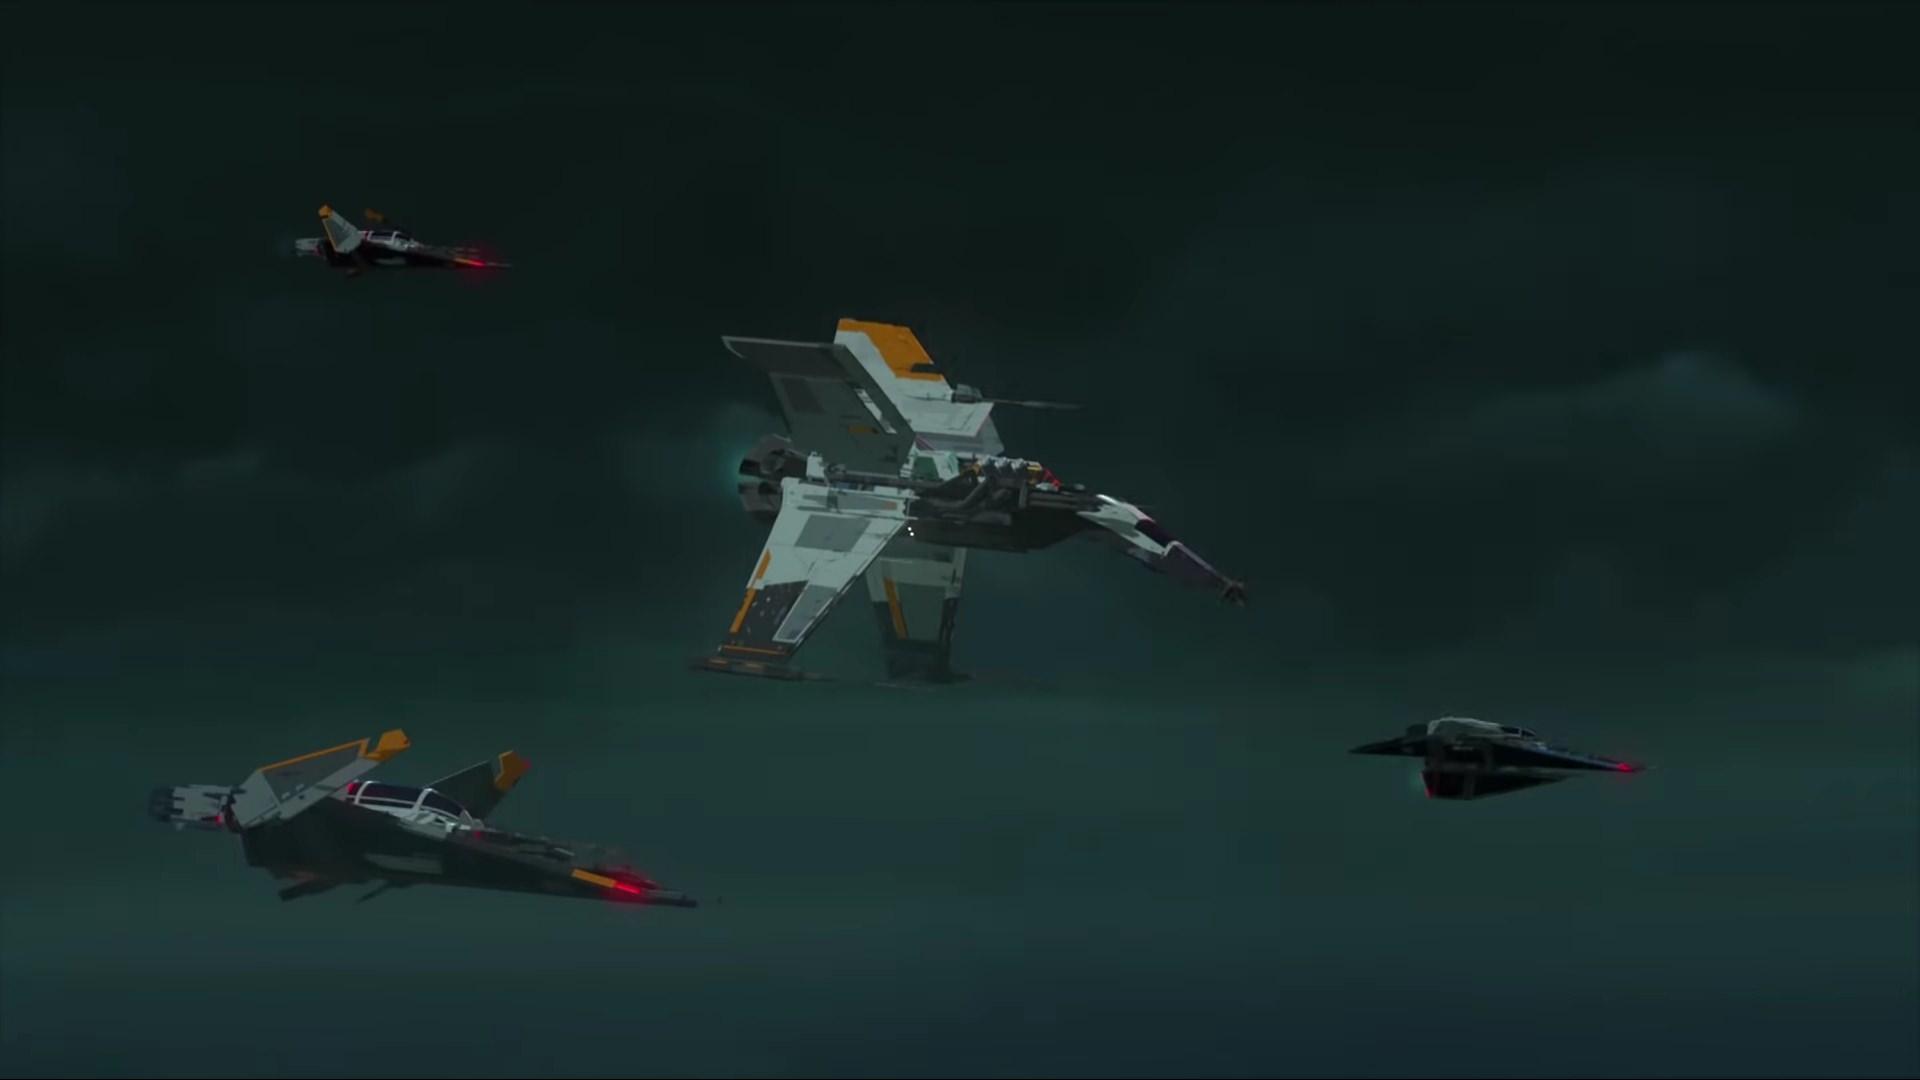 Warbird Starfighter